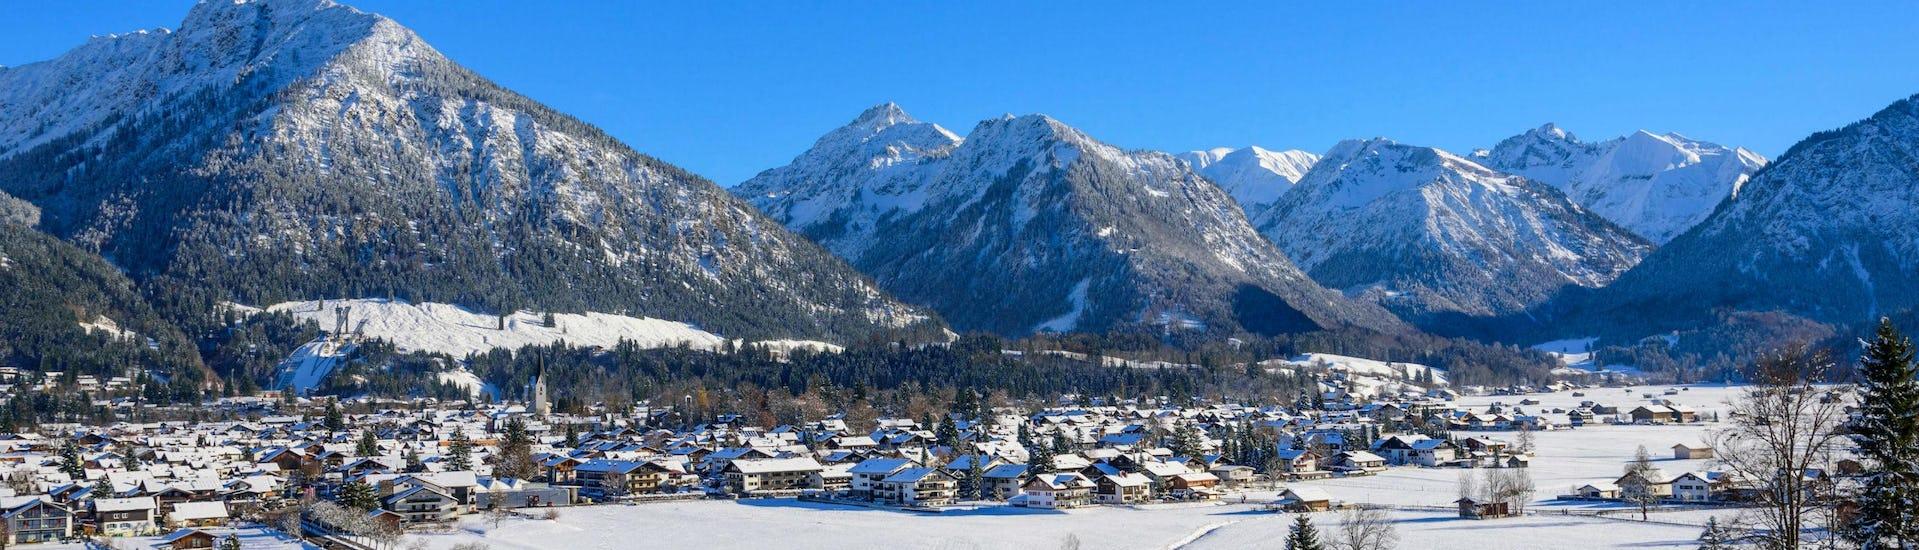 Een blik op het gezellige dorp Oberstdorf en de omringende bergen waar jong en oud van skilessen kan genieten.